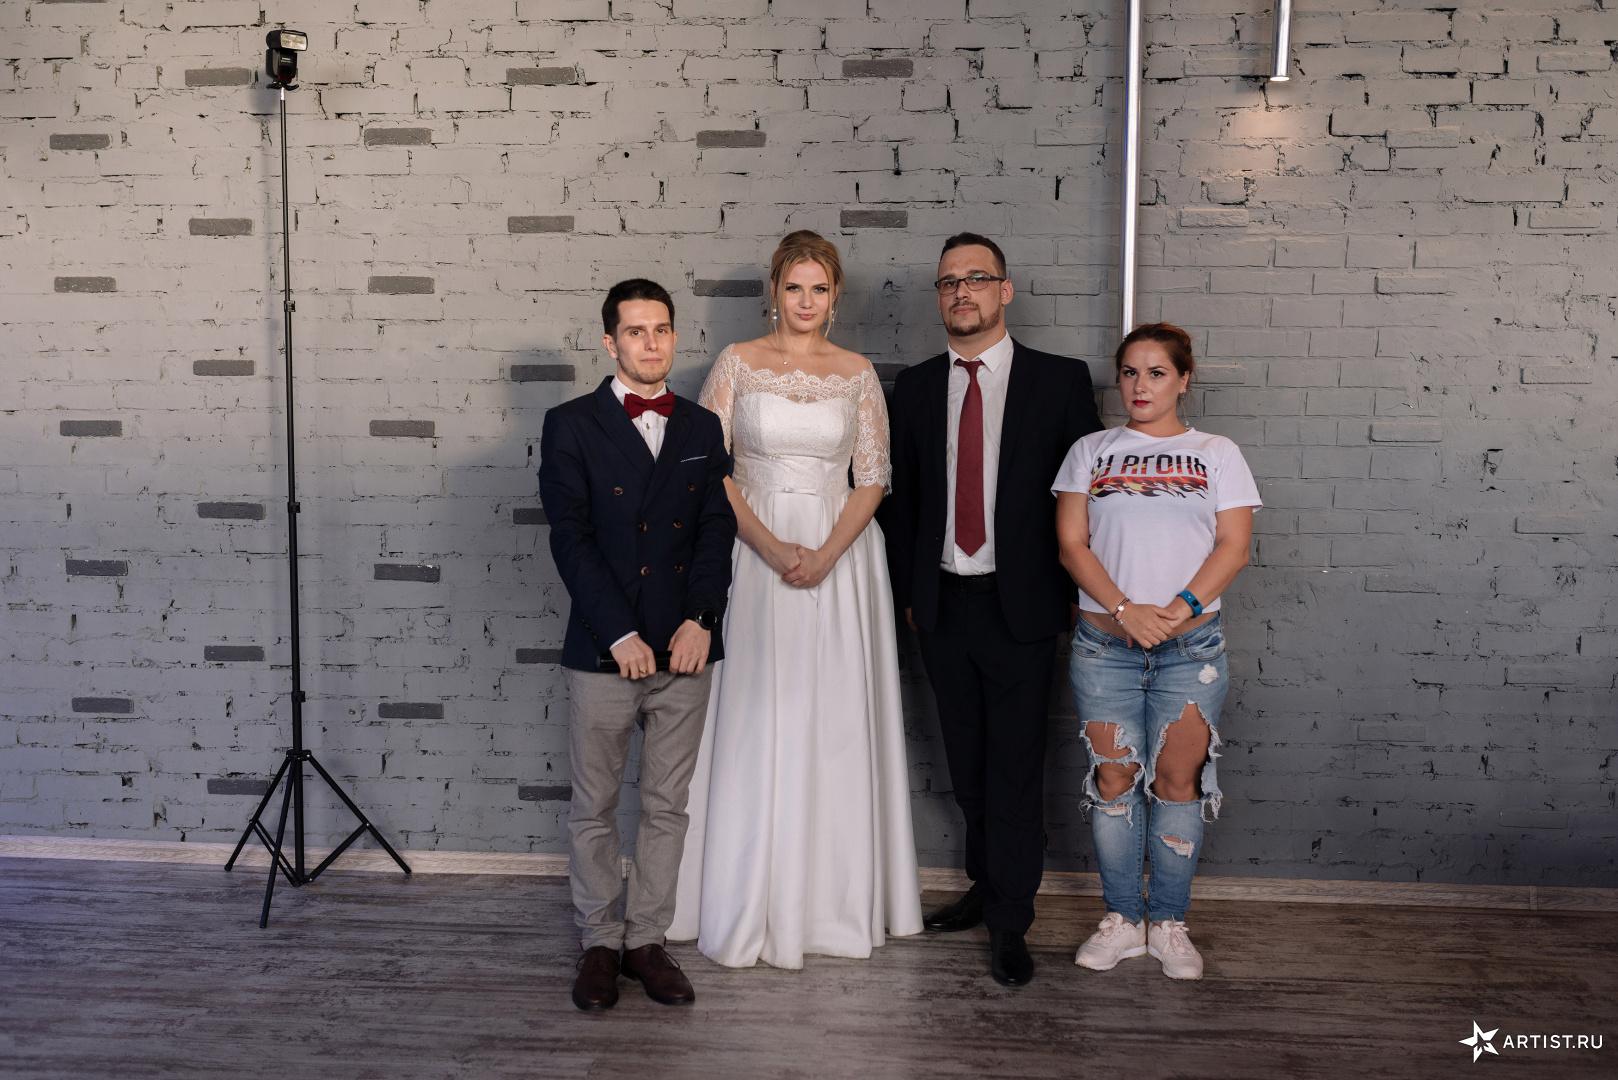 Фото 2 из 16 из альбома Свадьба Полины и Андрея 11 08 18 Андрея Кислого